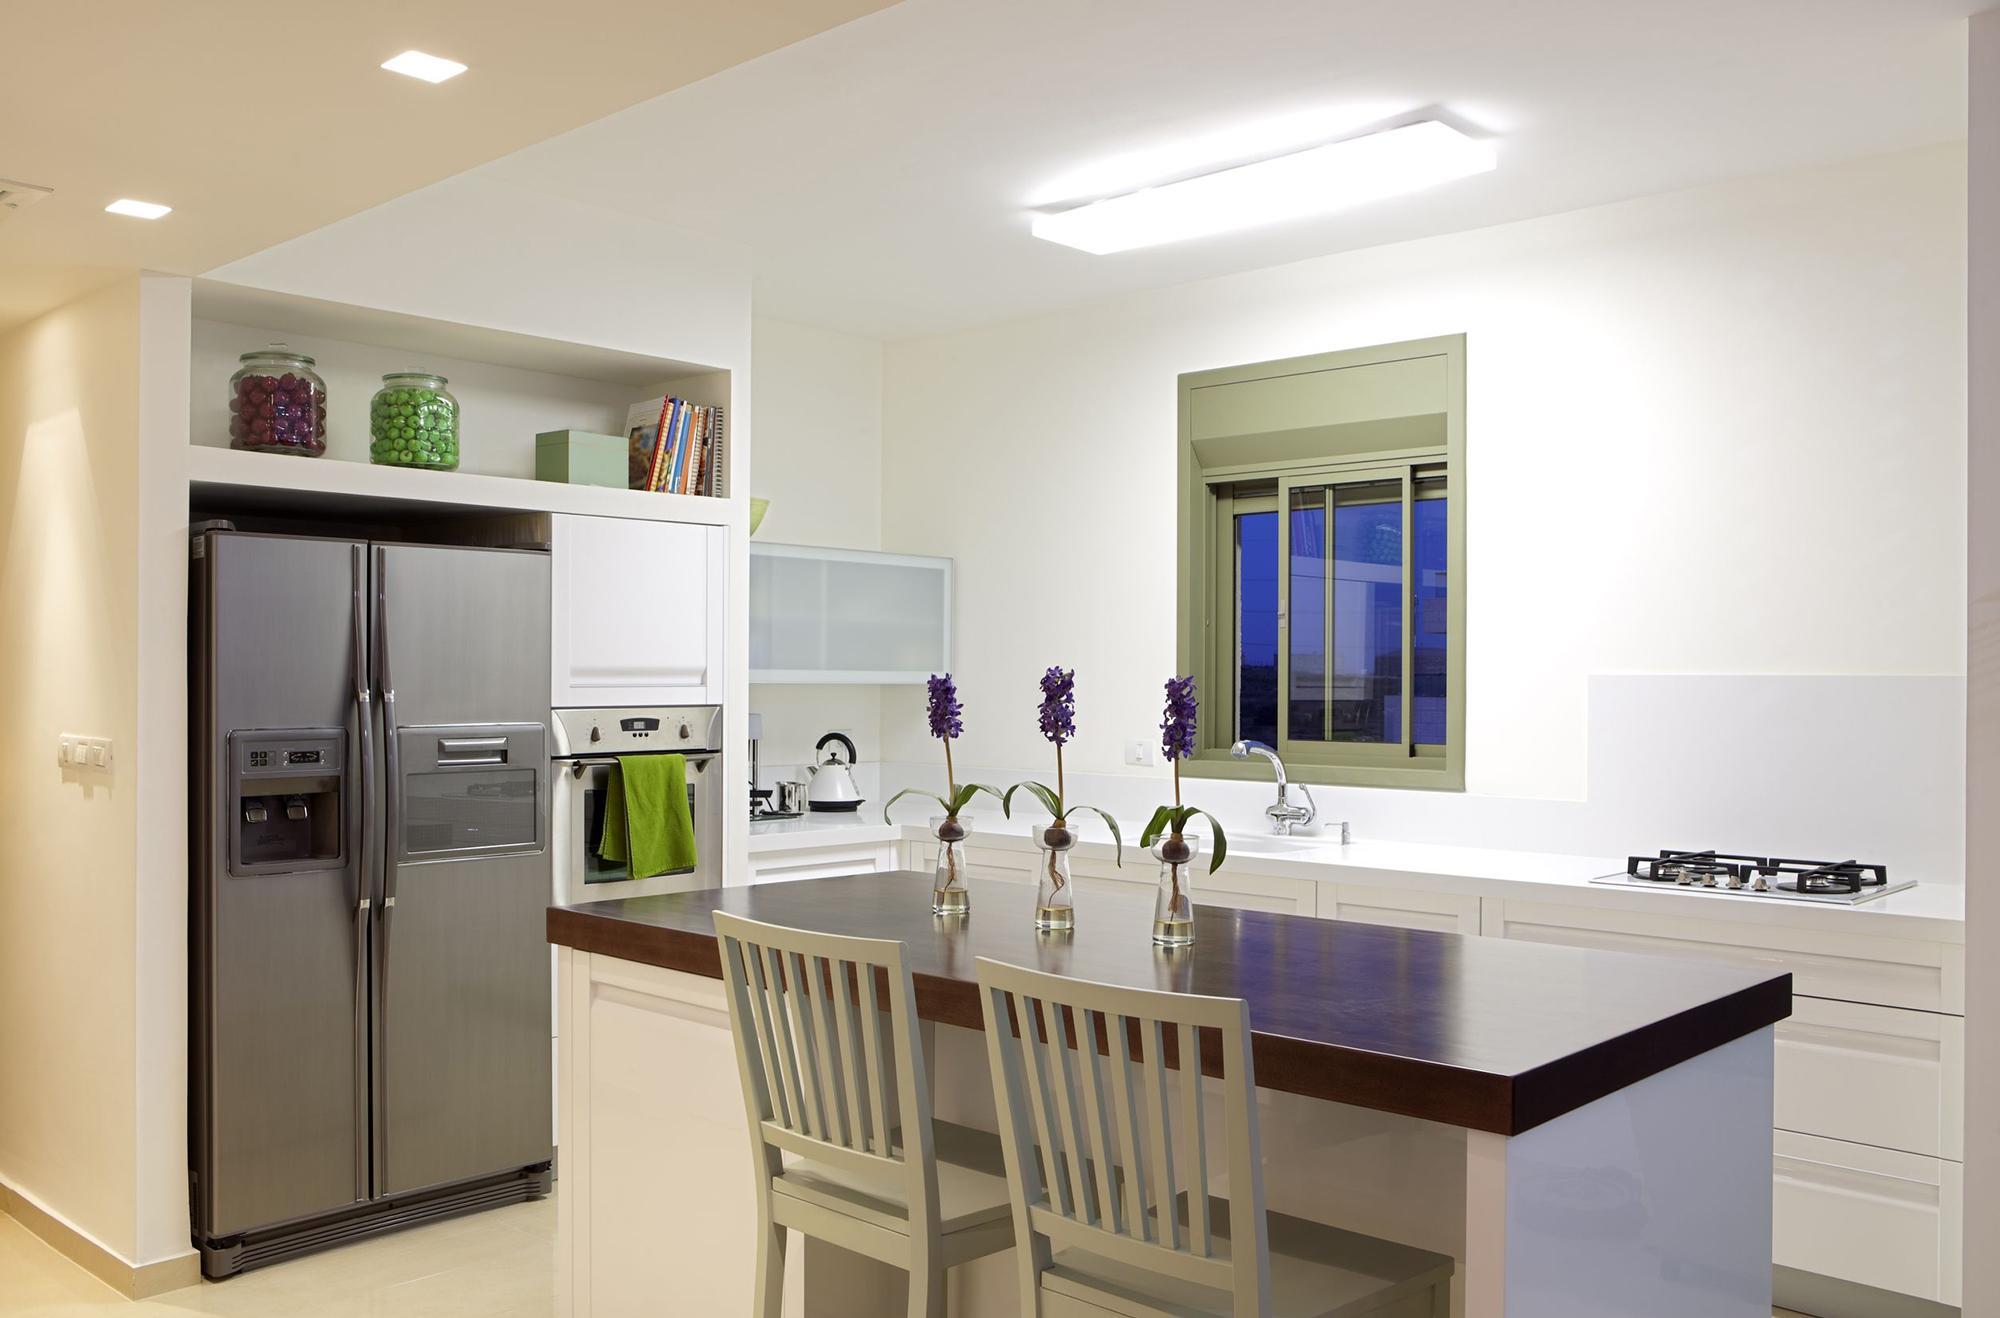 Ниша для холодильника на кухне